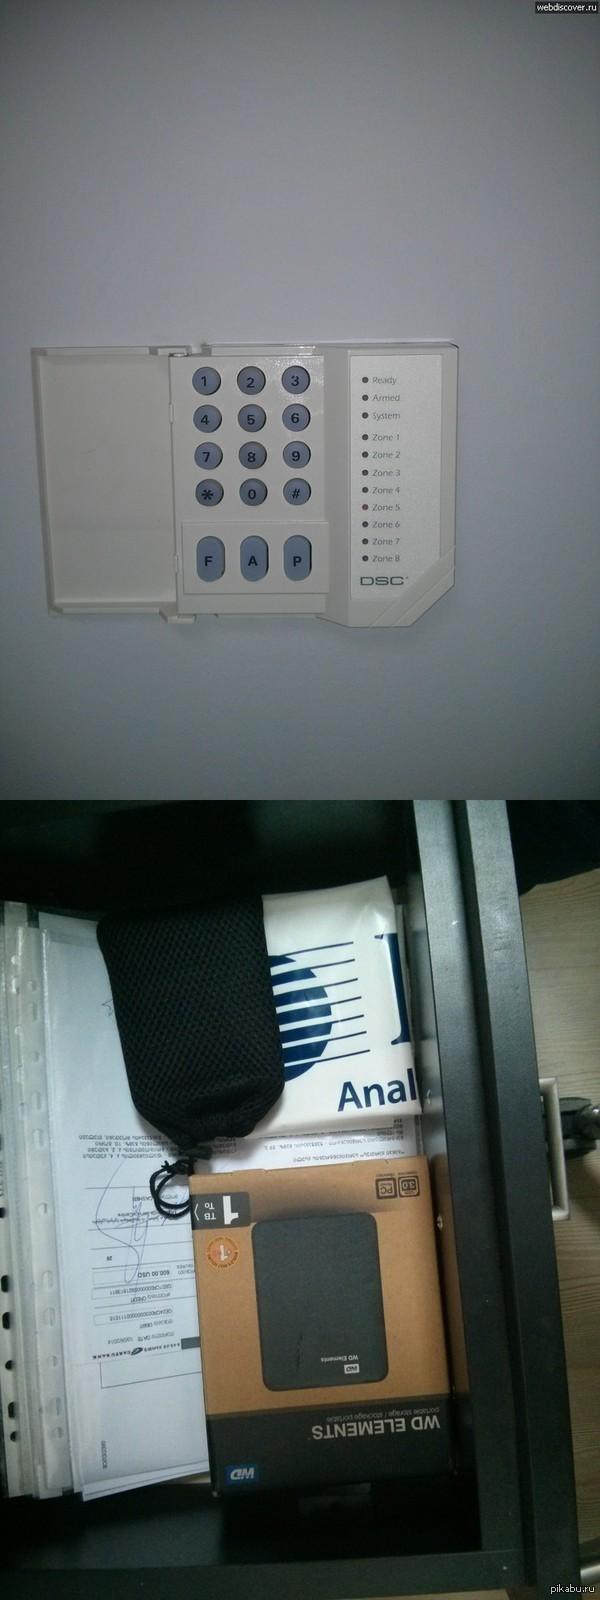 Знаки - они повсюду!!! После ремонта столовую поставили на фаповую сигнализацию, а в тумбочке у меня завелся извращенный пакет...